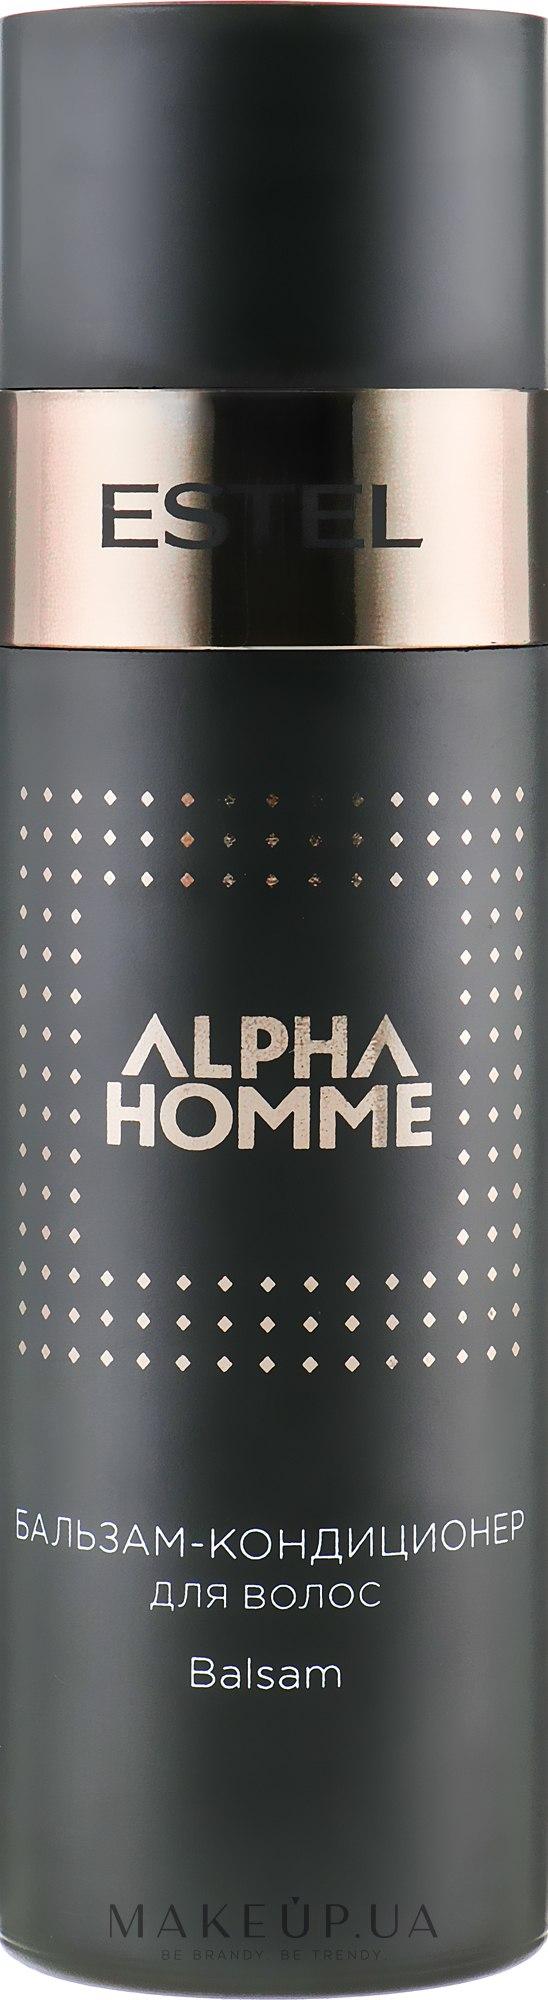 Бальзам-кондиционер для волос - Estel Professional Alpha Homme Pro — фото 200ml